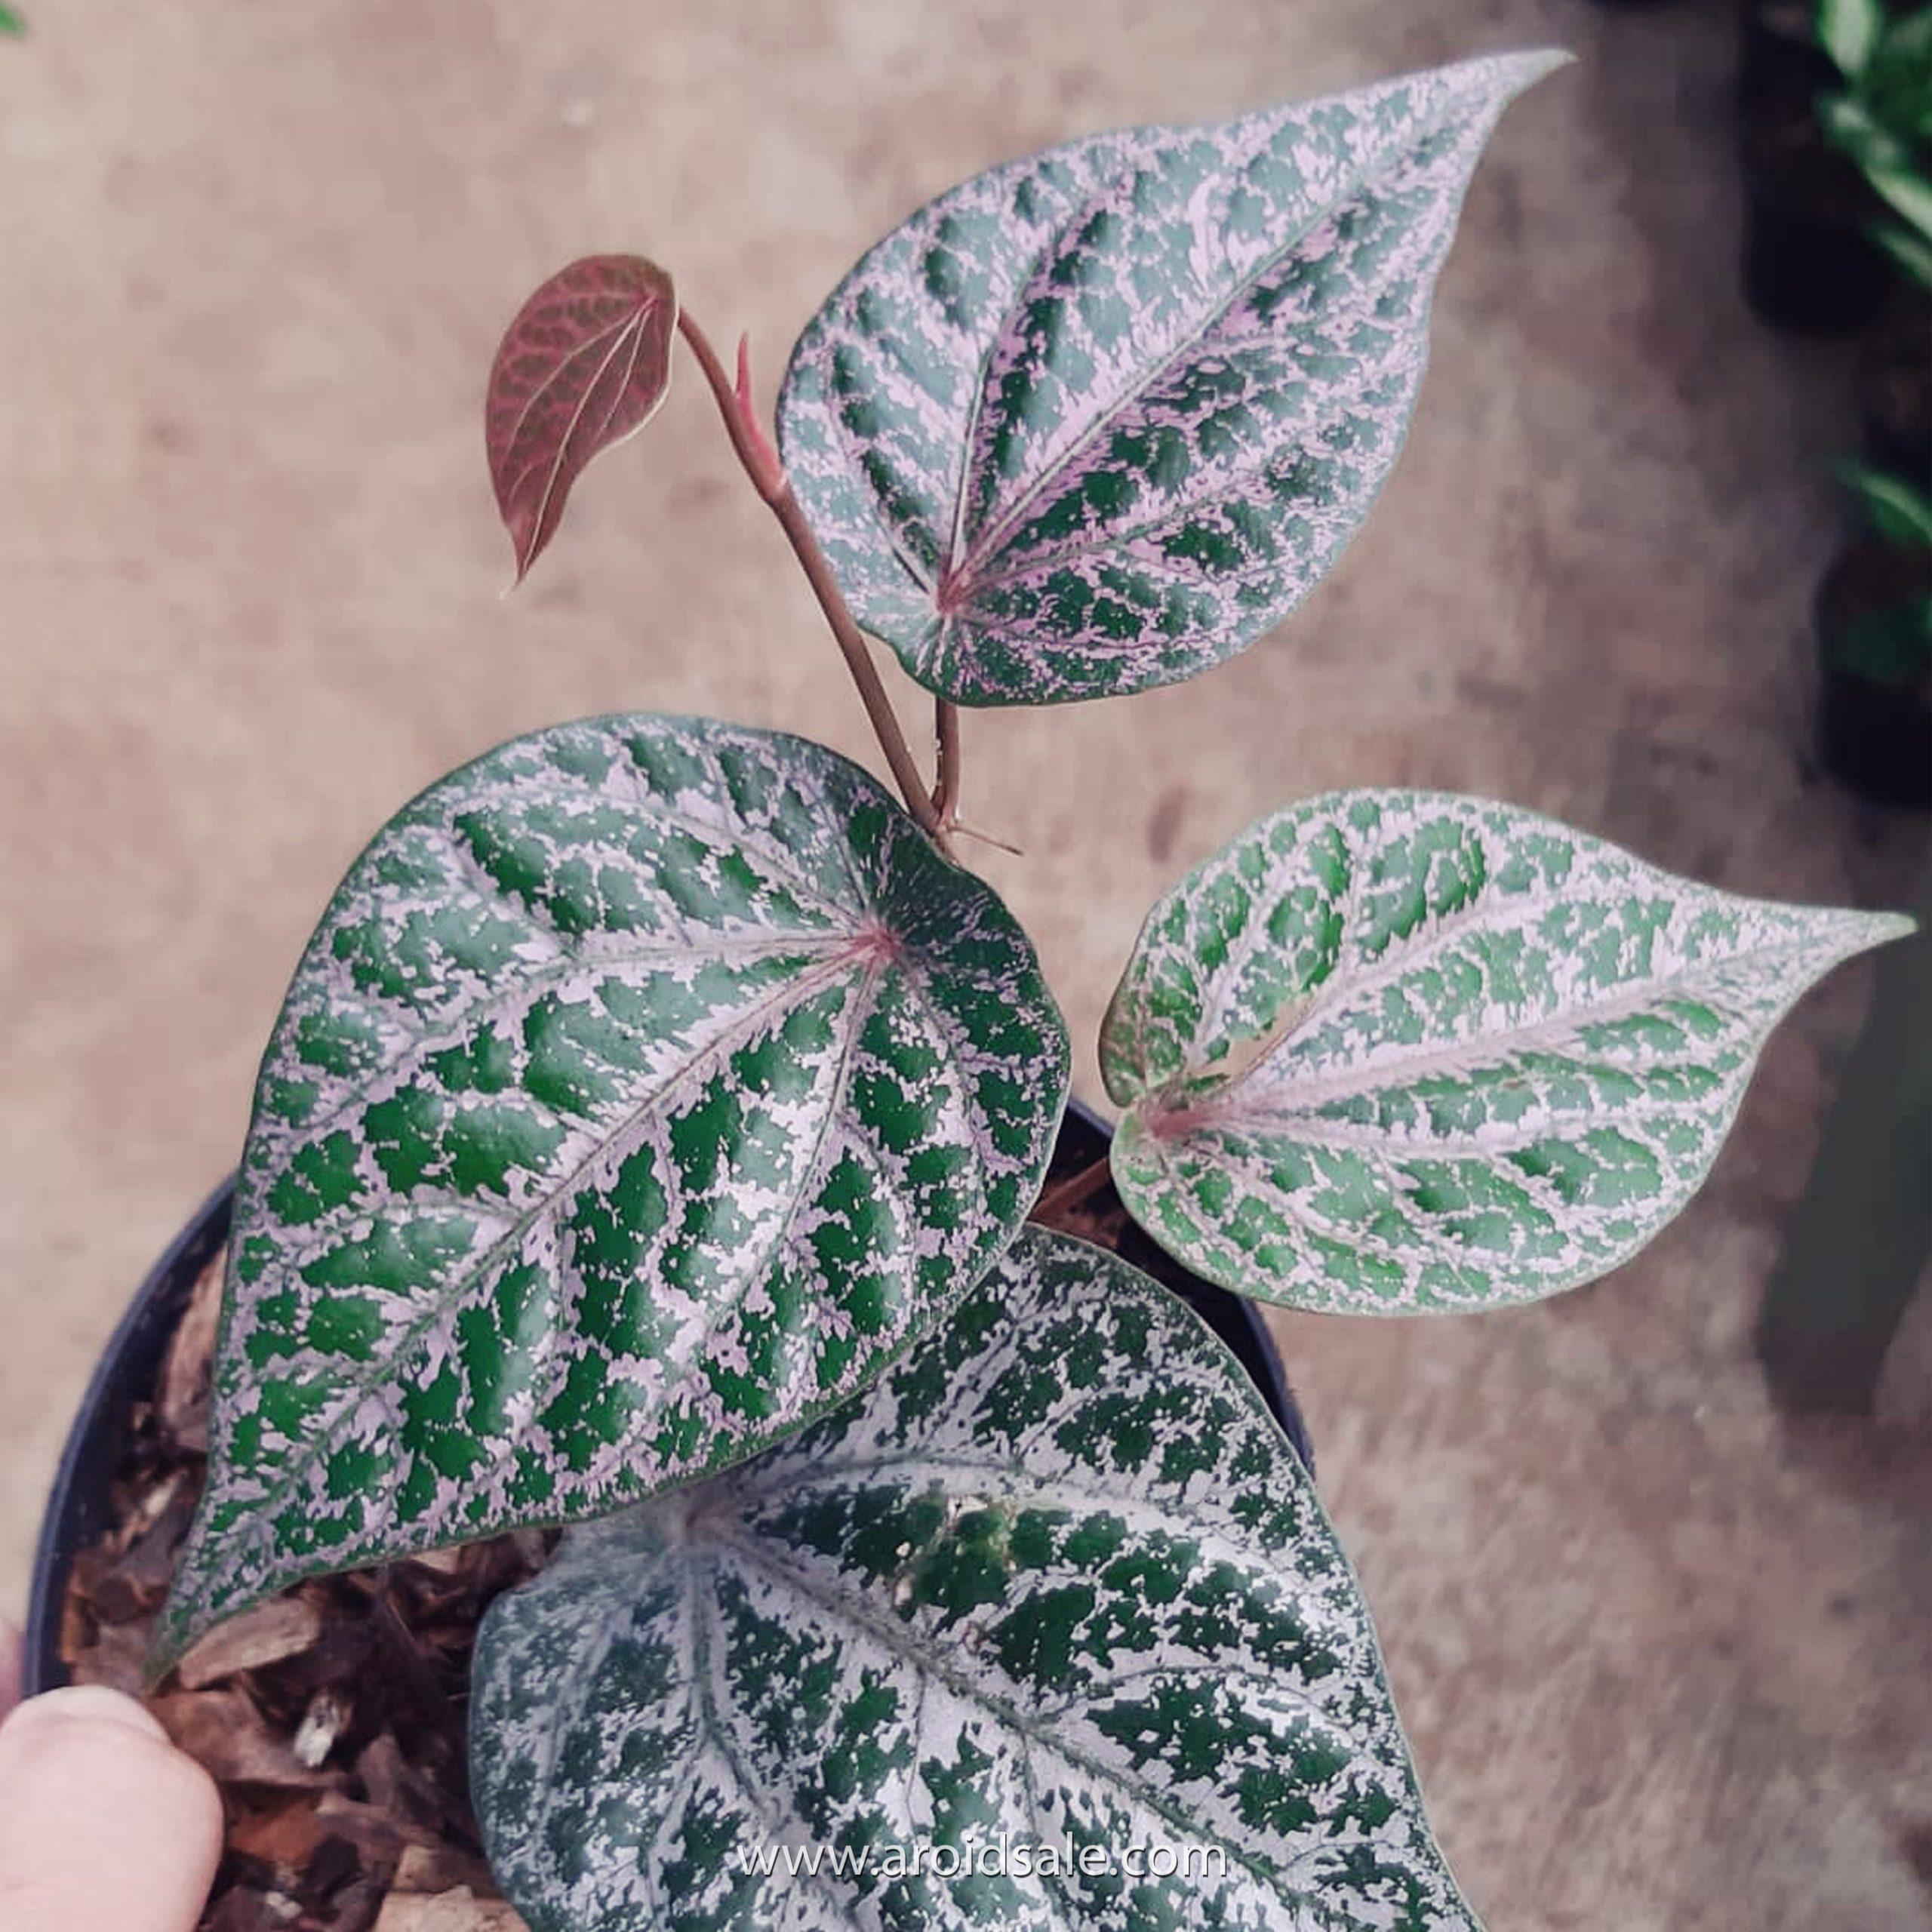 piper ornatum, plants seller, plants shop, plants store, for sale, wholesale, plants supplier